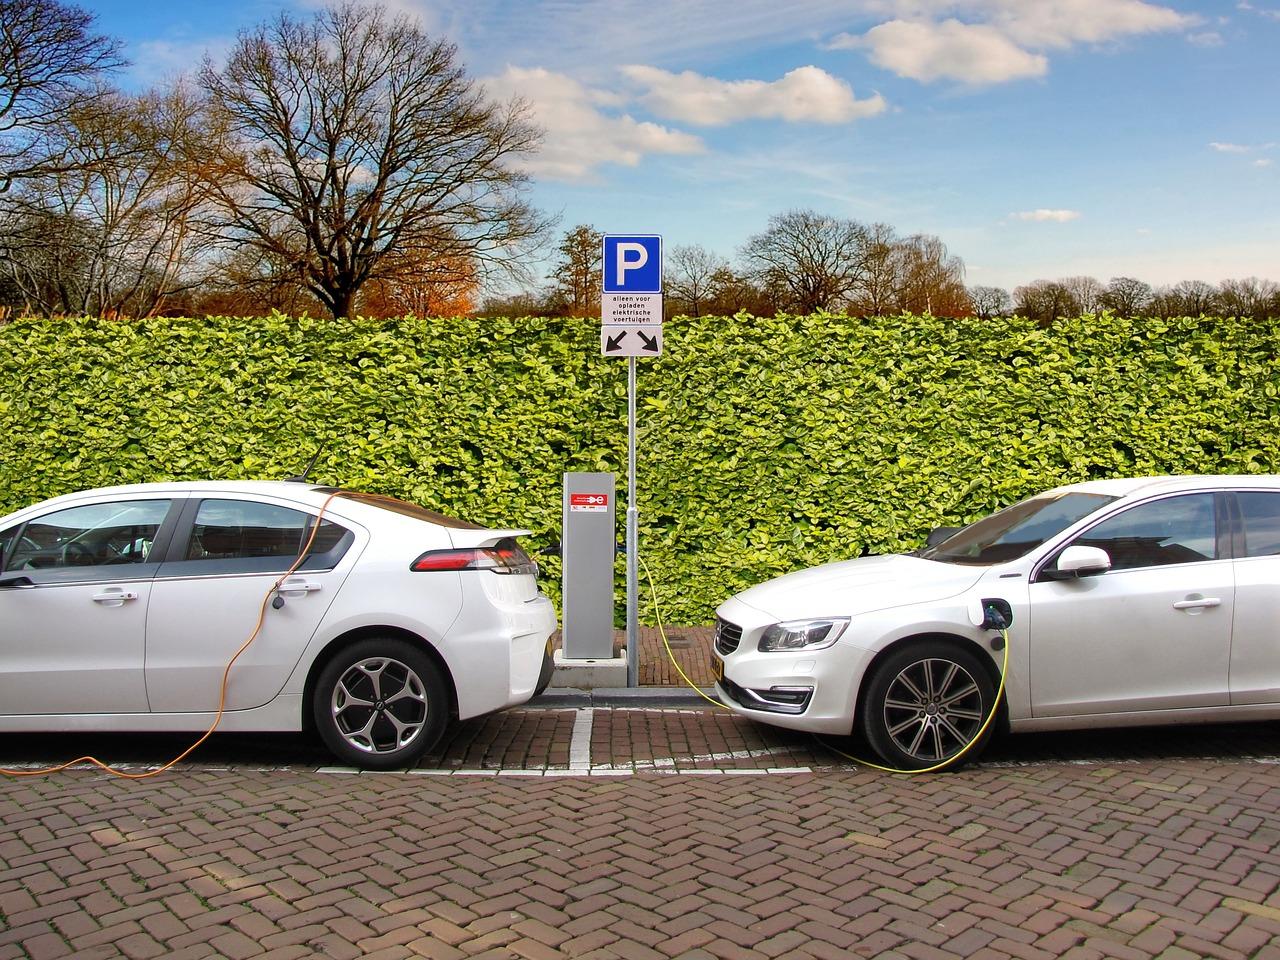 Warren Buffett- Backed  BYD Electric Cars Soared Sales by 300%